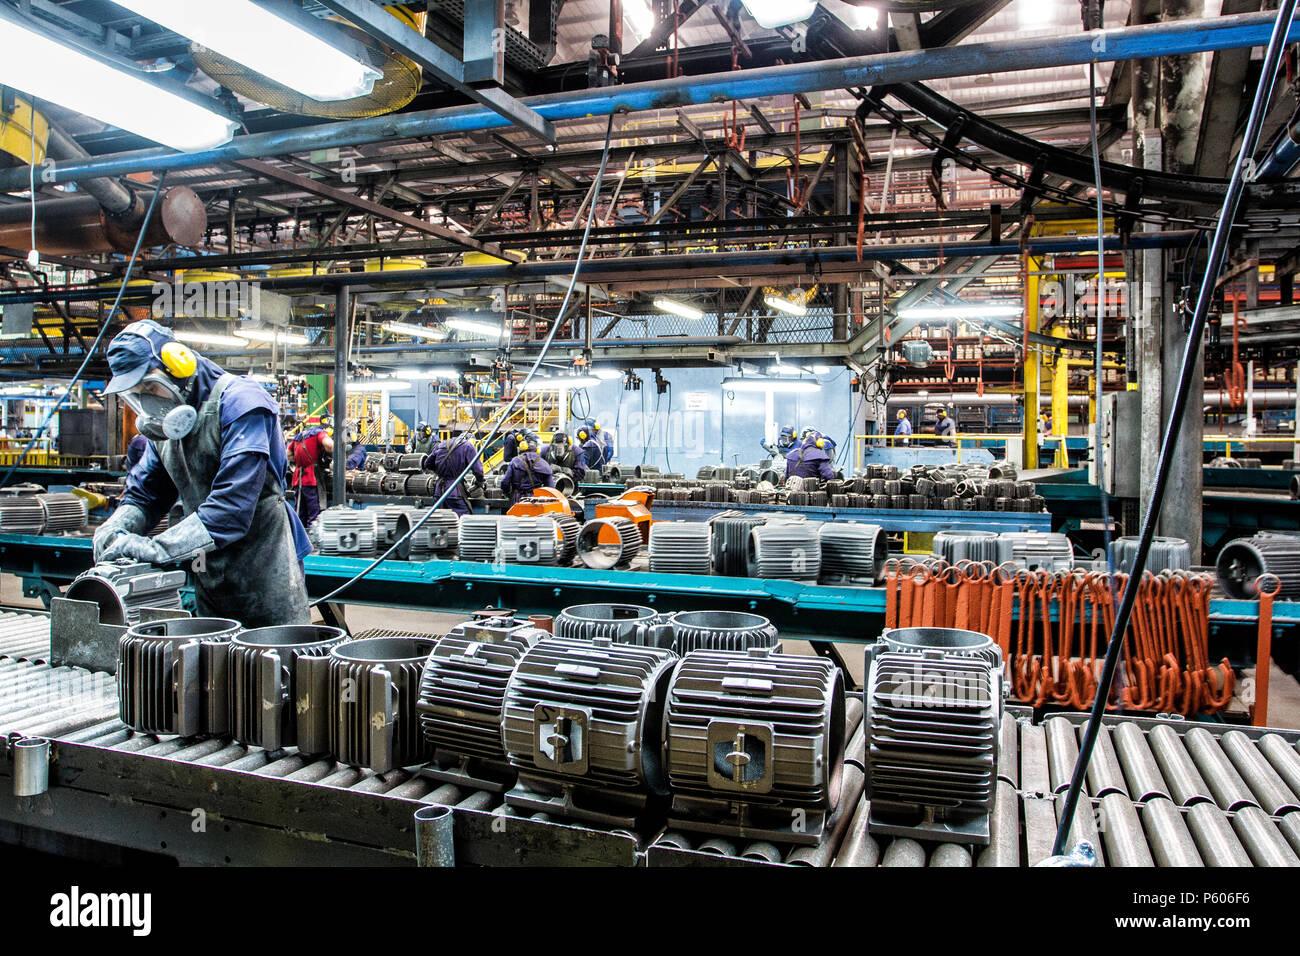 La planta industrial de fabricación en el sur de Brasil. Imagen De Stock